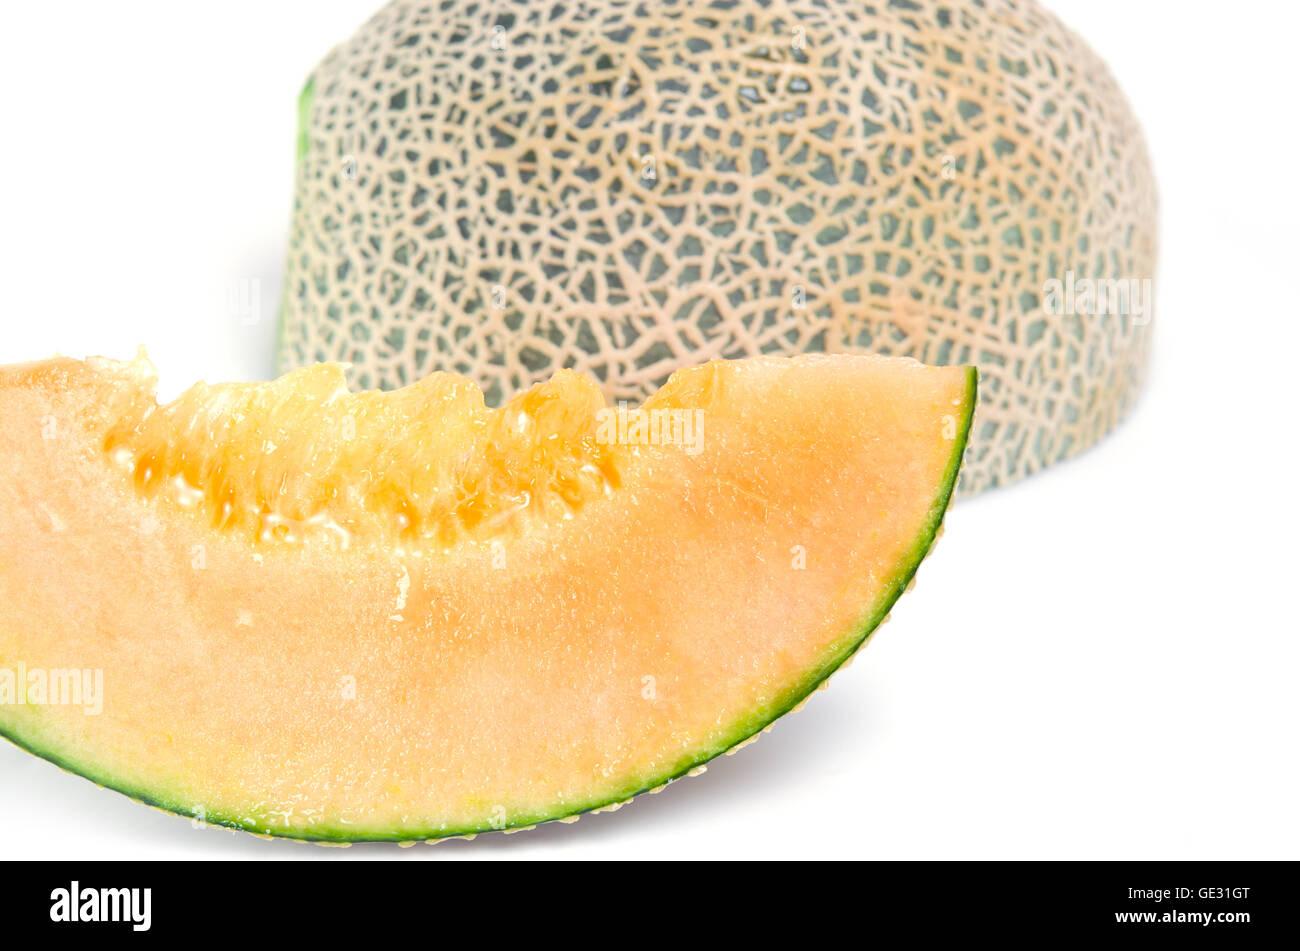 Cucumis melo o melón serie en bandeja de acero (Otros nombres son cantelope, cantaloup, honeydew, Crenshaw, Imagen De Stock